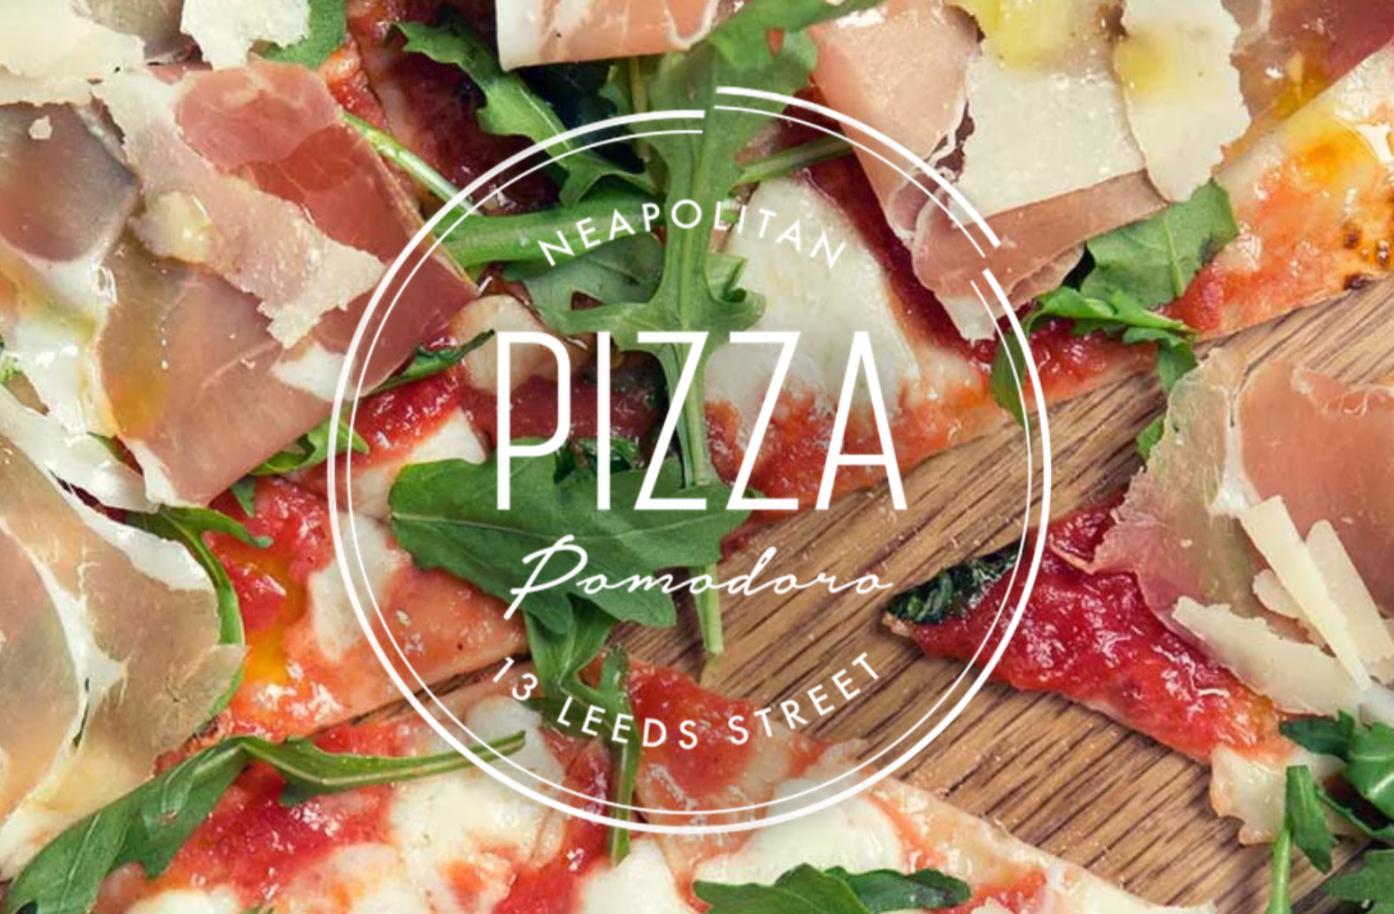 【ピザじゃない!】美味しいピッツァ!ウェリントンのピザ屋【Pizza pomodoro】について